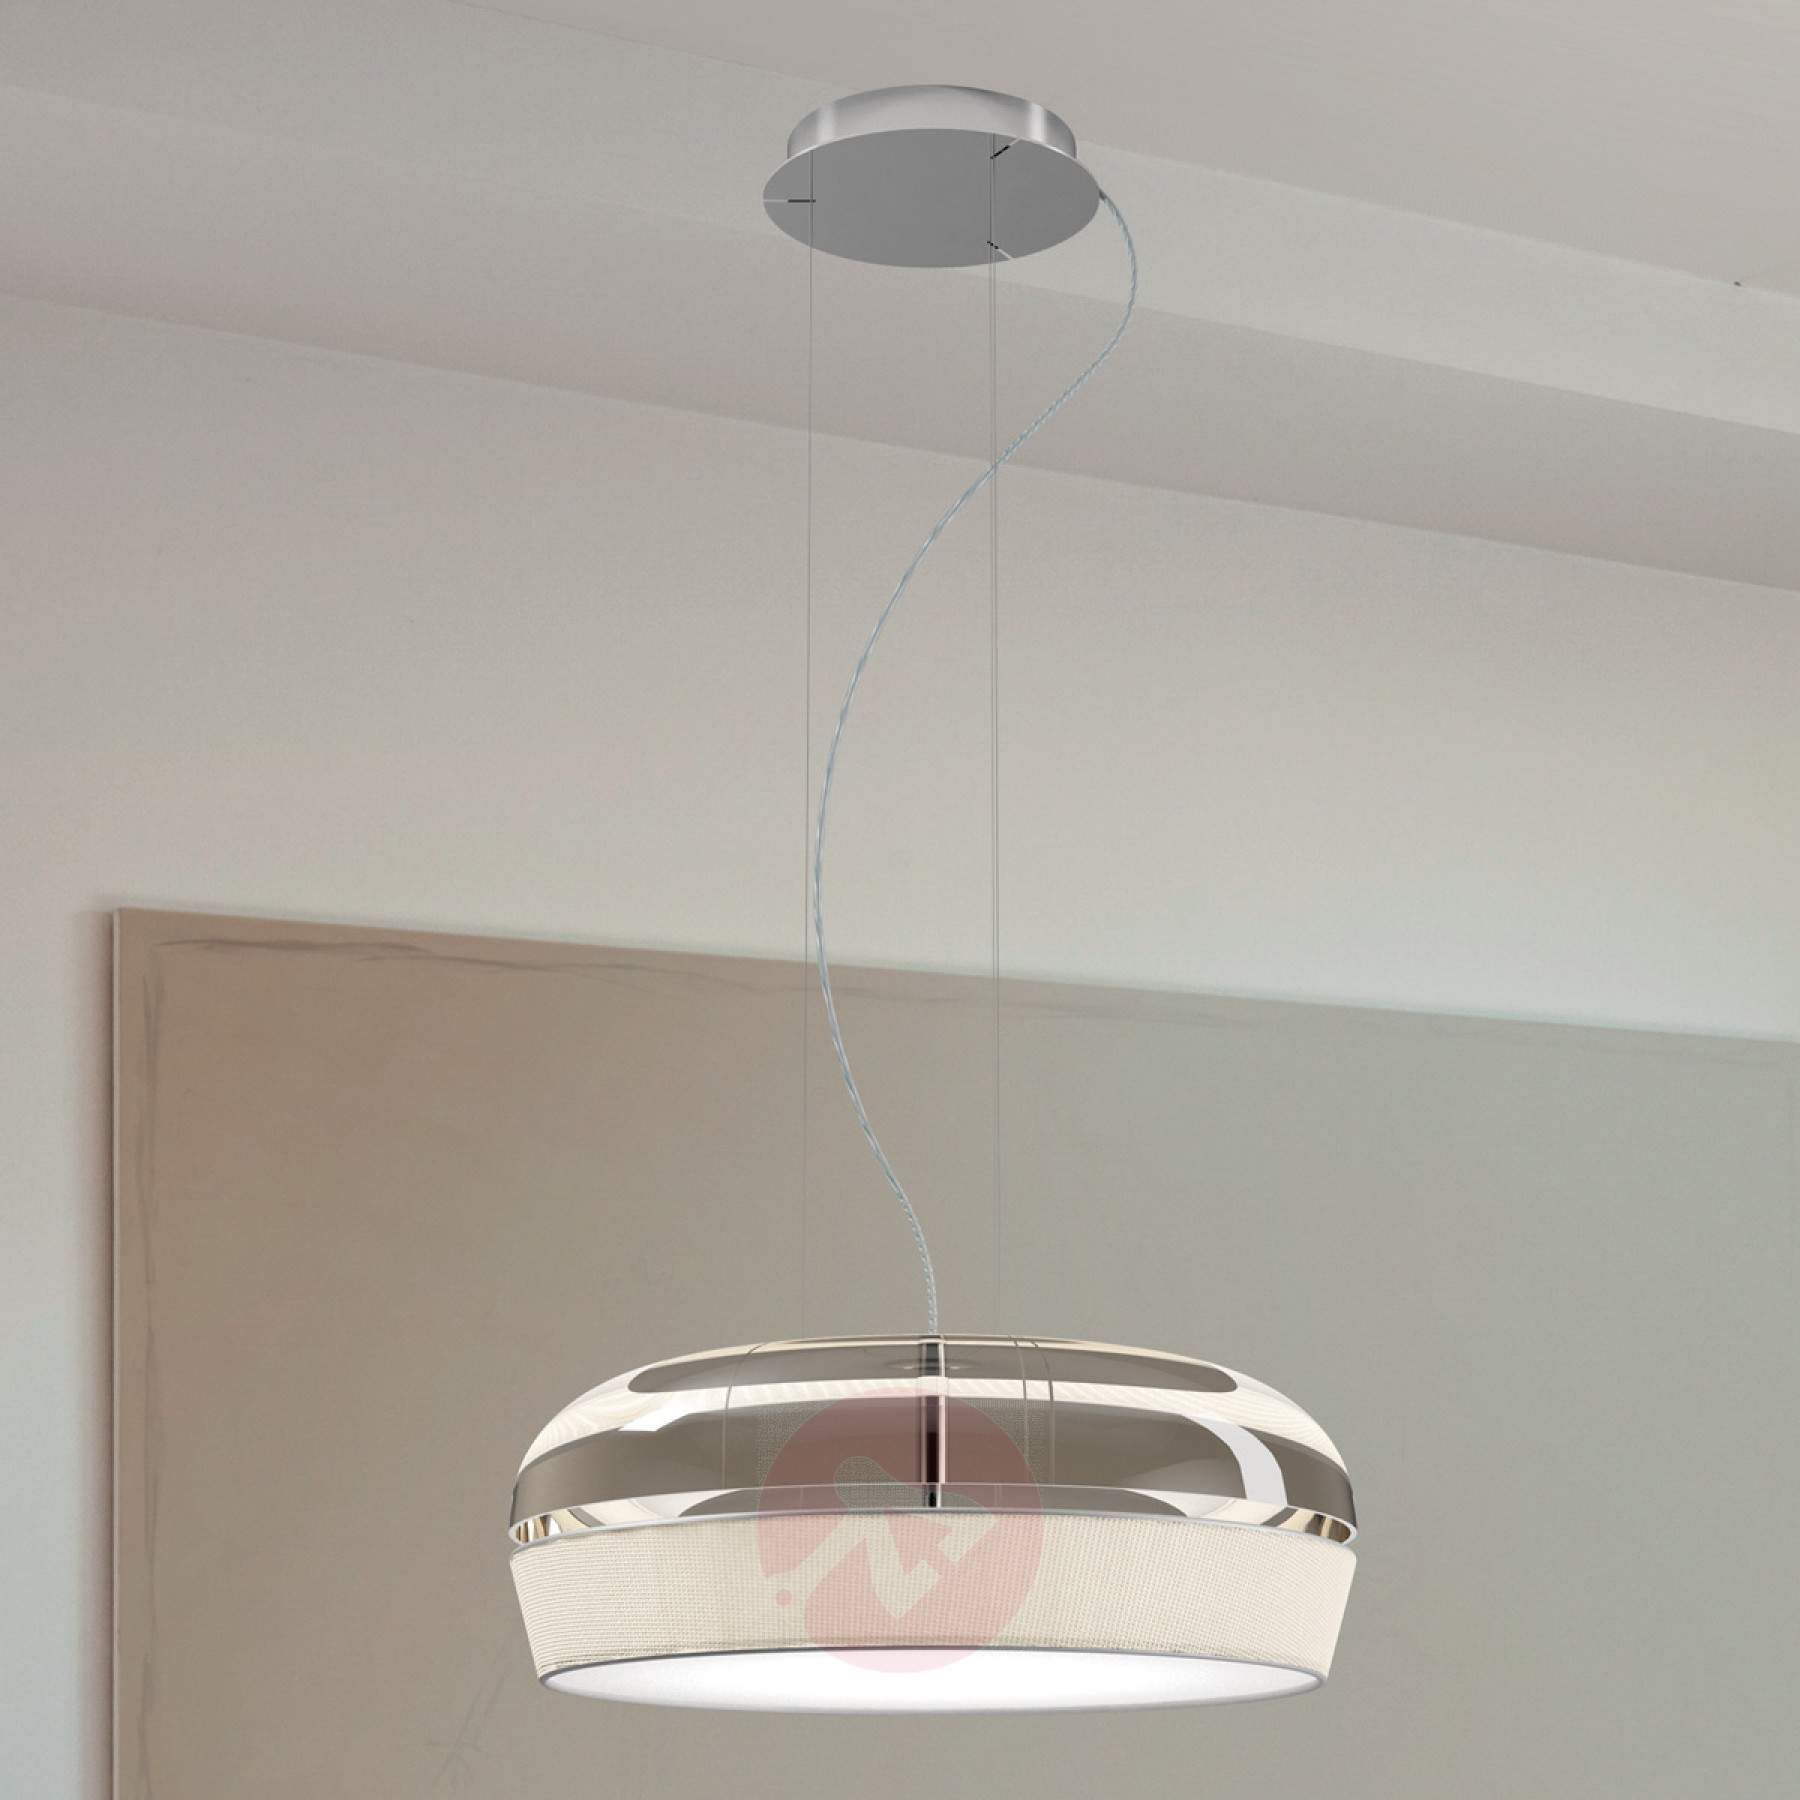 Erstaunlich Led Hängeleuchte Foto Von Edle Led-hängeleuchte Dome S50-2502780-01